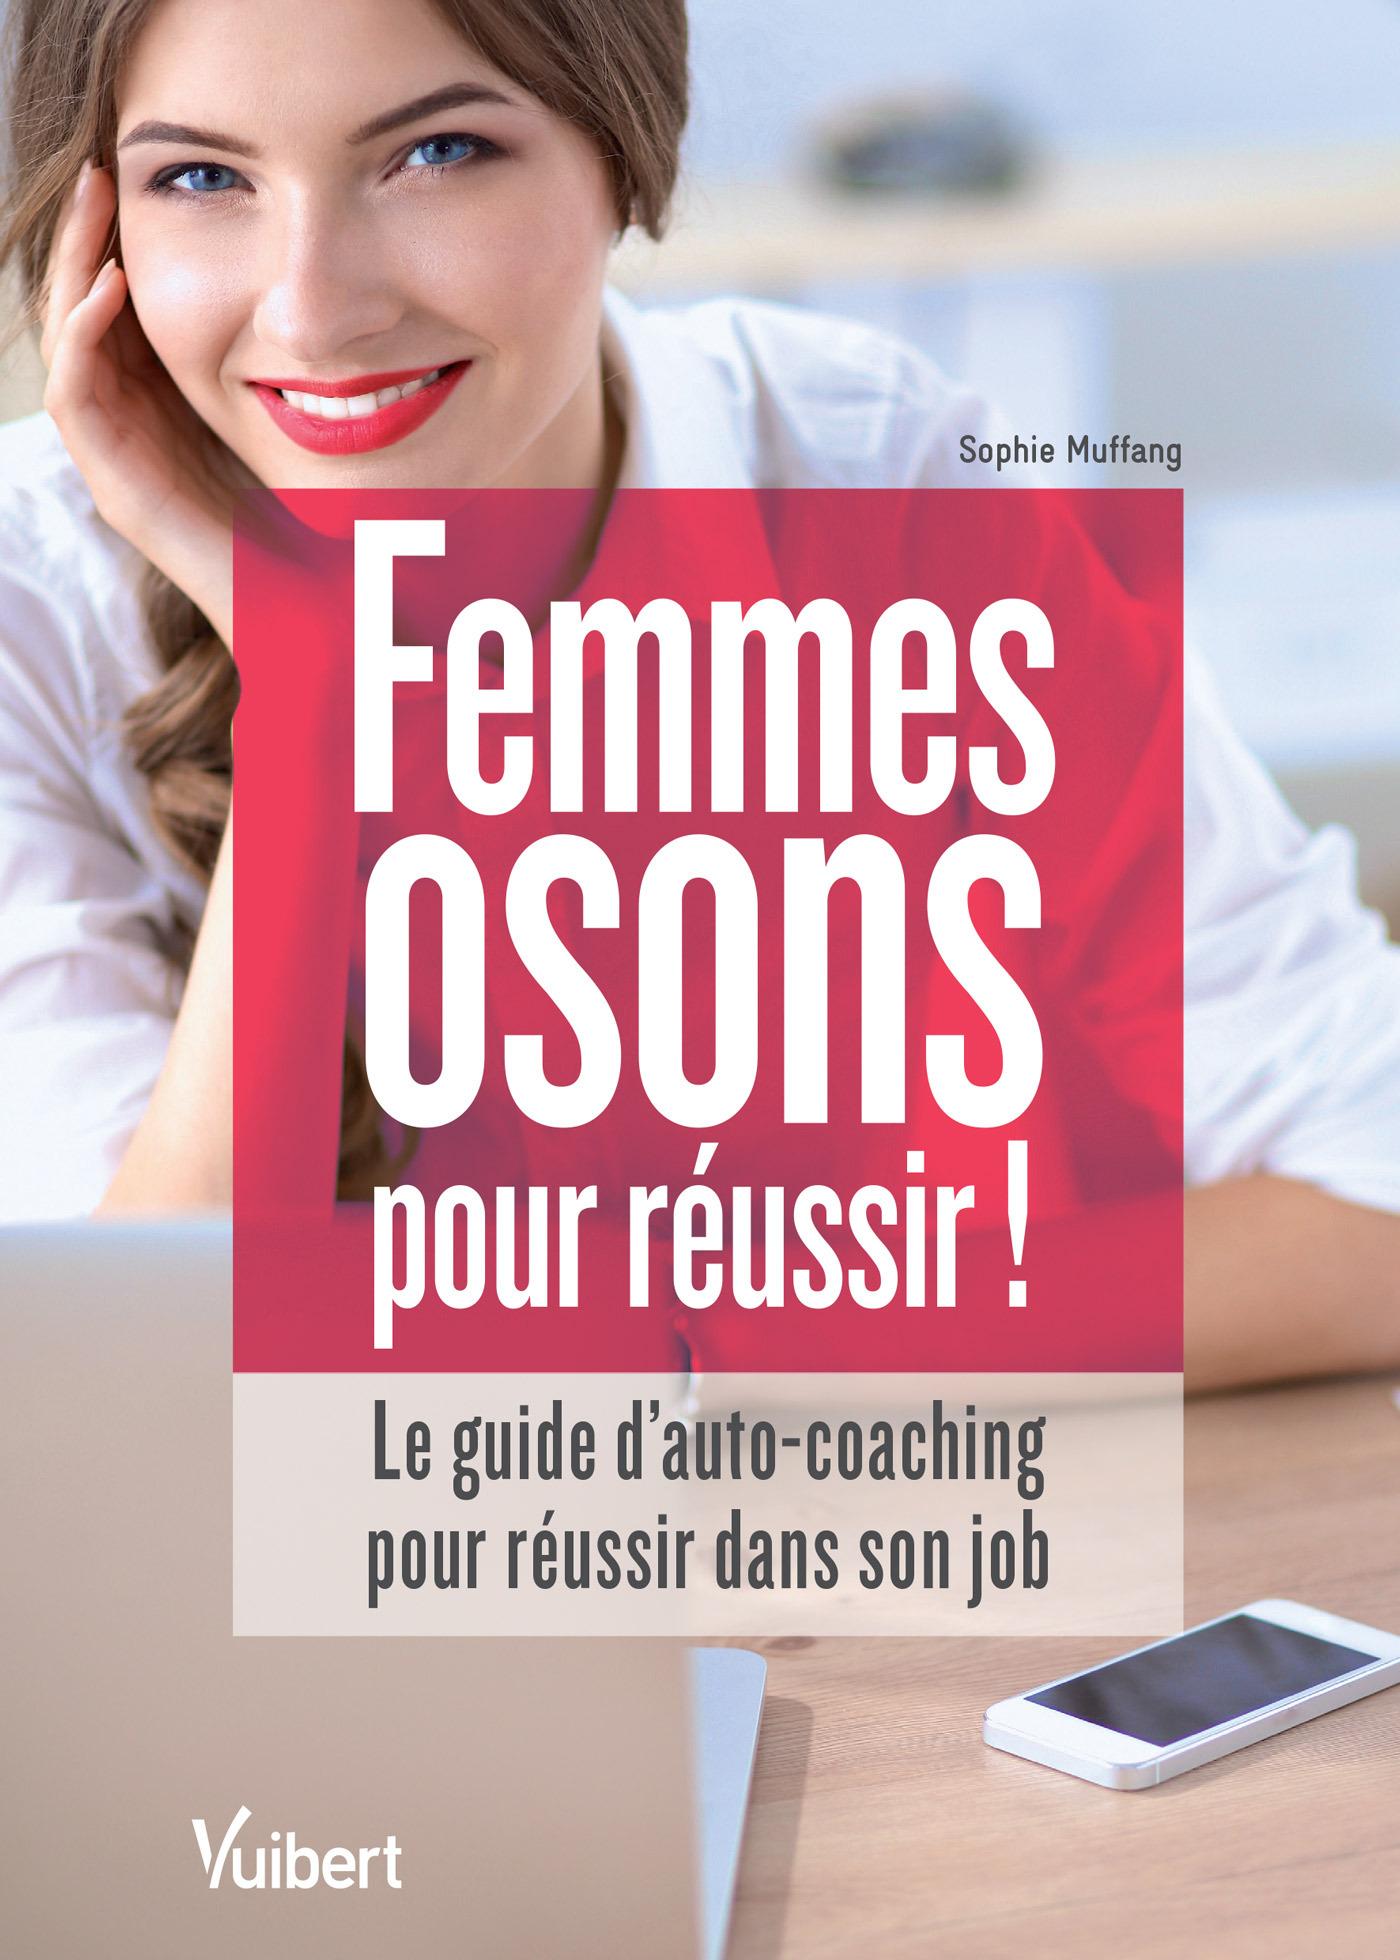 FEMMES OSONS POUR REUSSIR !